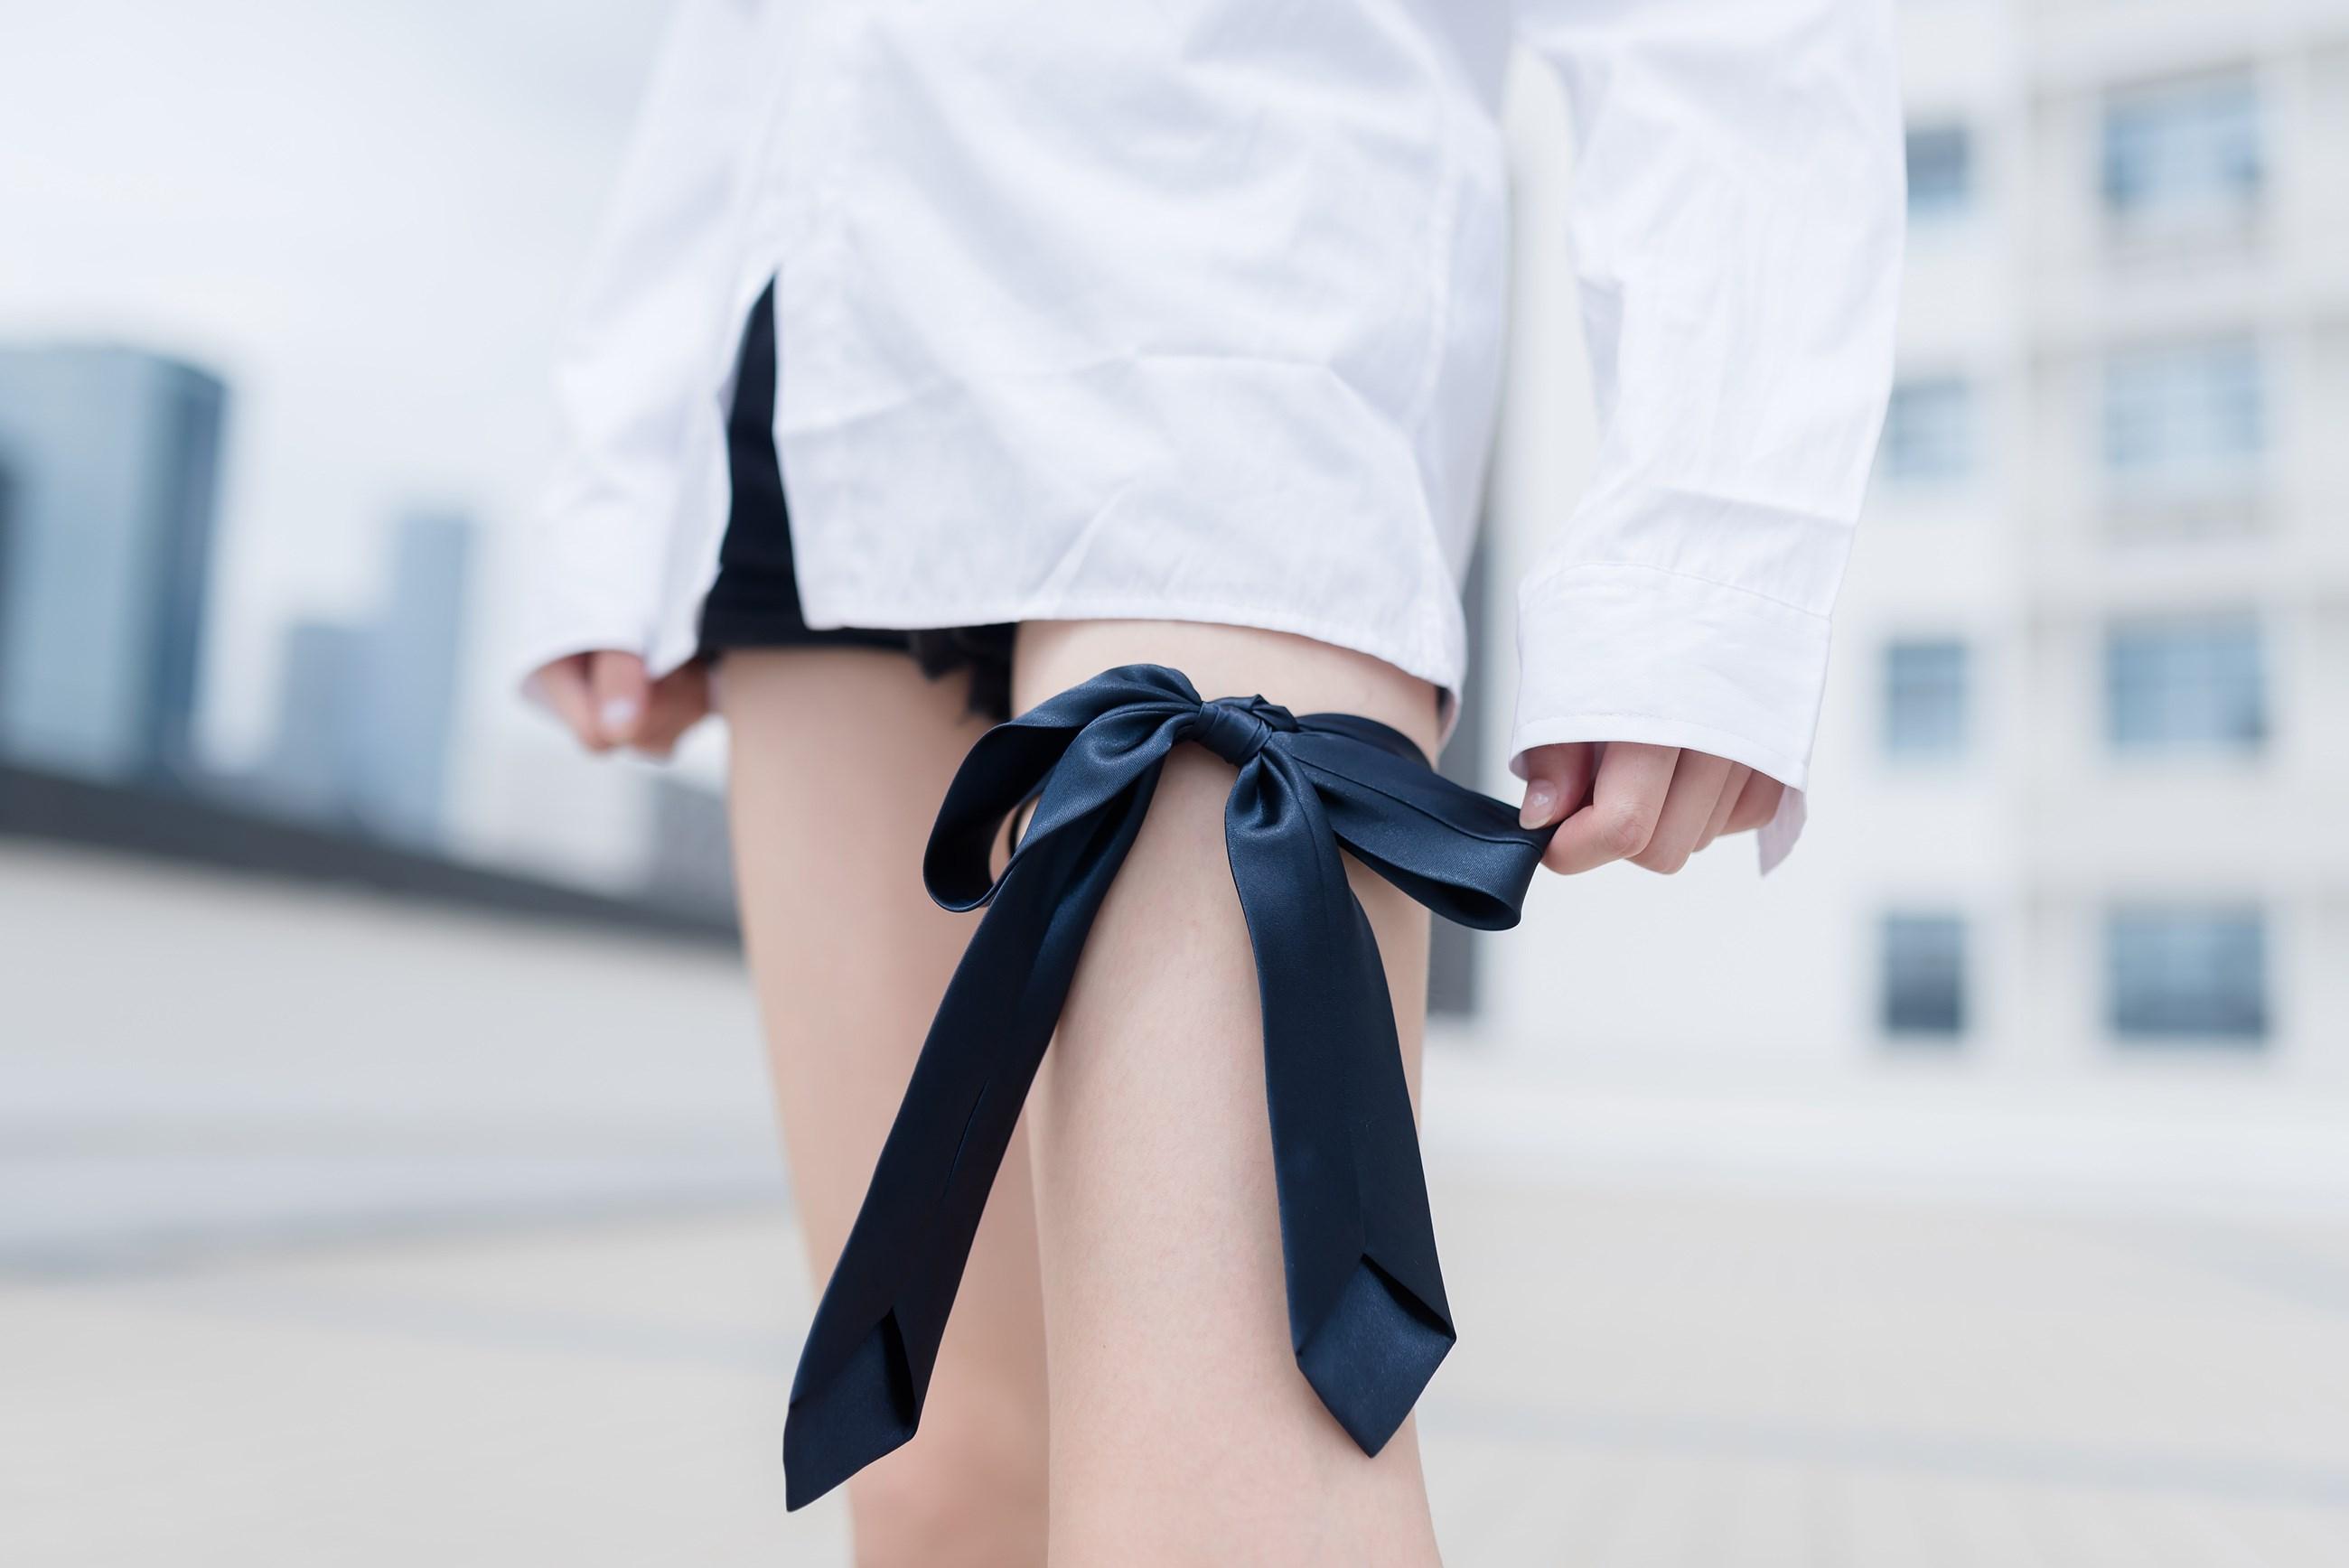 【兔玩映画】裸脚白衬衫 · 足控福利 兔玩映画 第32张